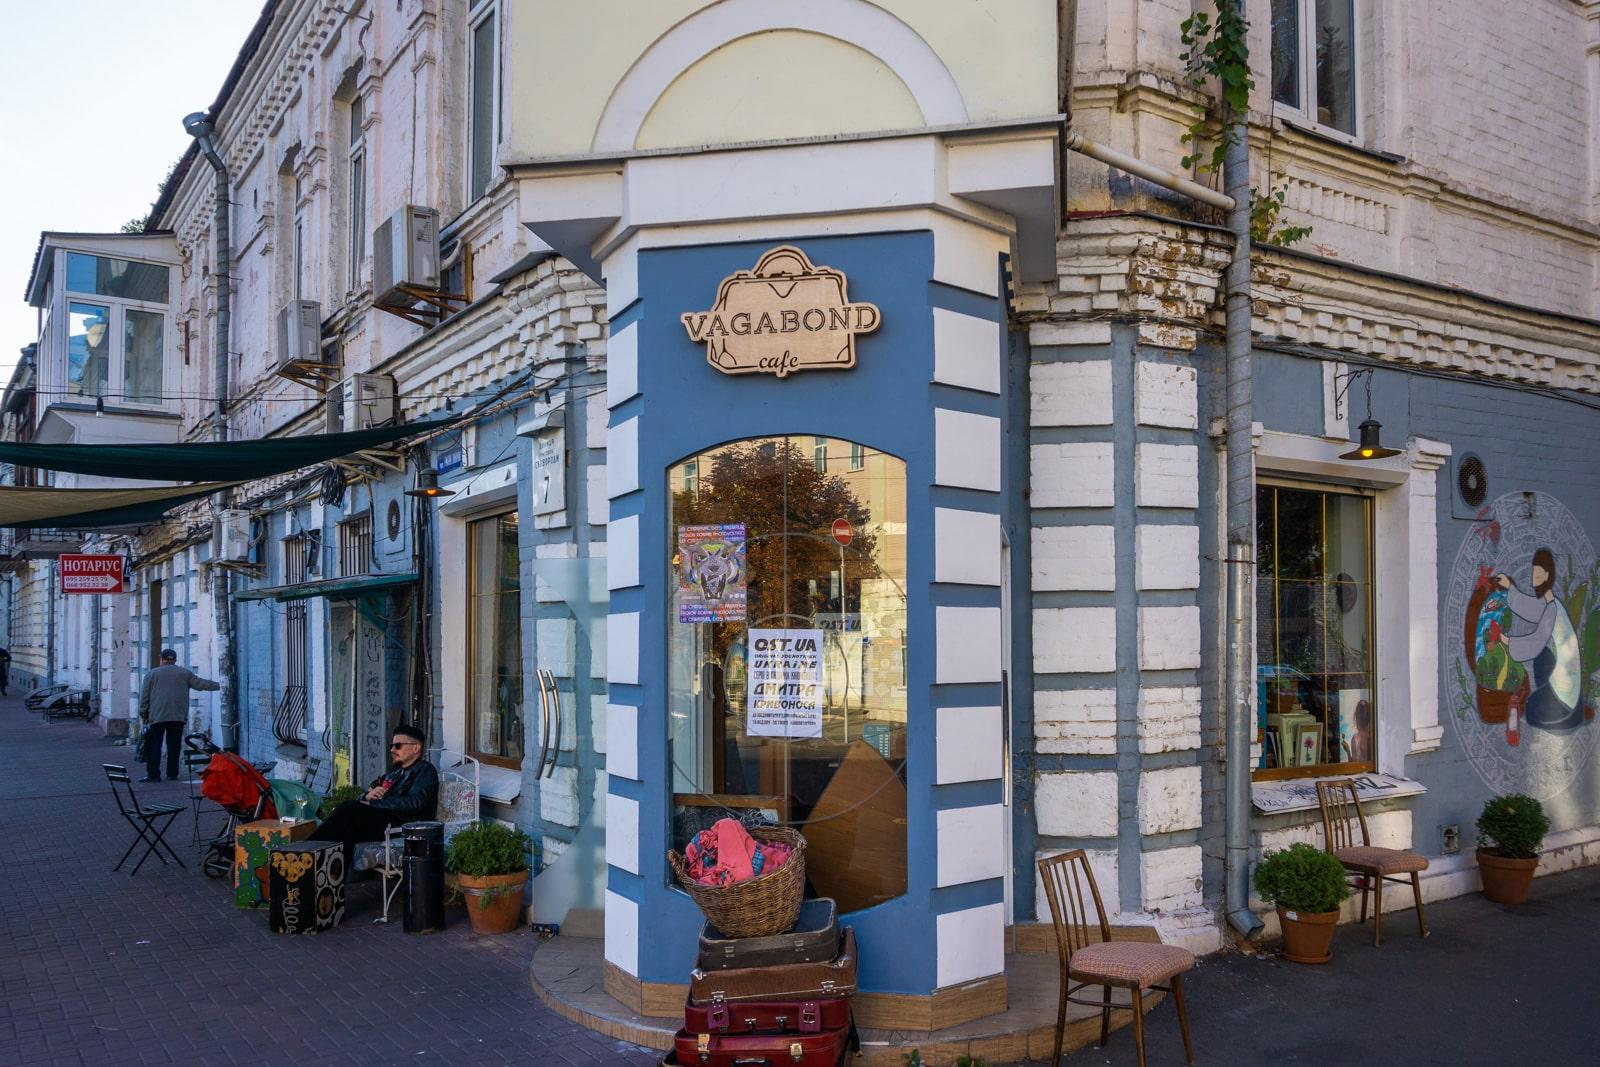 Vagabond Cafe exterior en Kiev, Ucrania